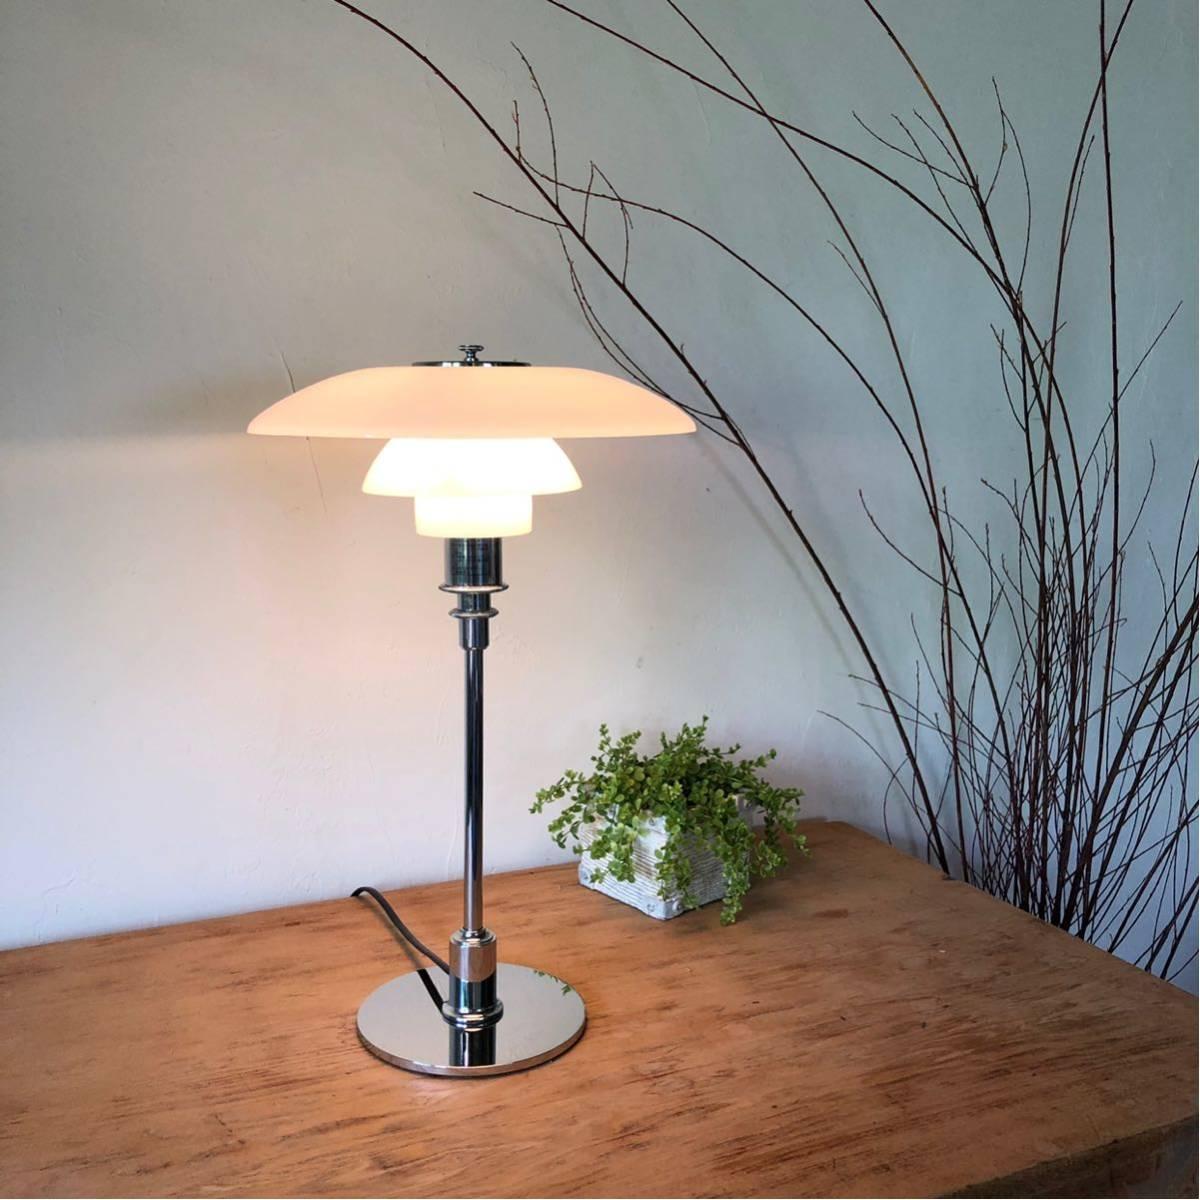 北欧ルイスポールセン PH 3/2 テーブルランプ/本物オリジナル/ヤマギワ購入/フィンユール/ハンスウェグナー_画像7